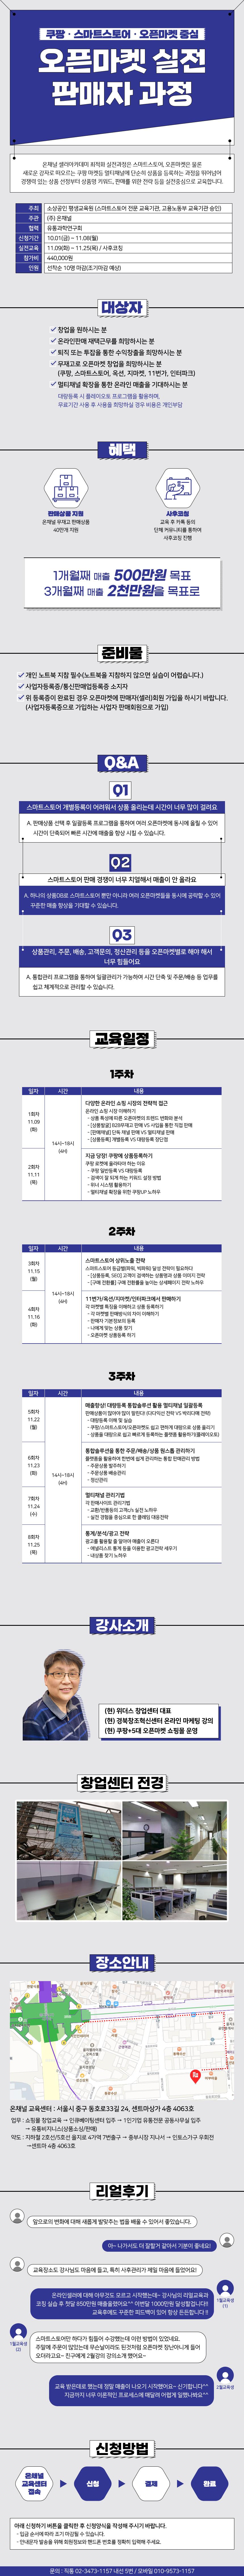 211109_오픈마켓실전과정.png